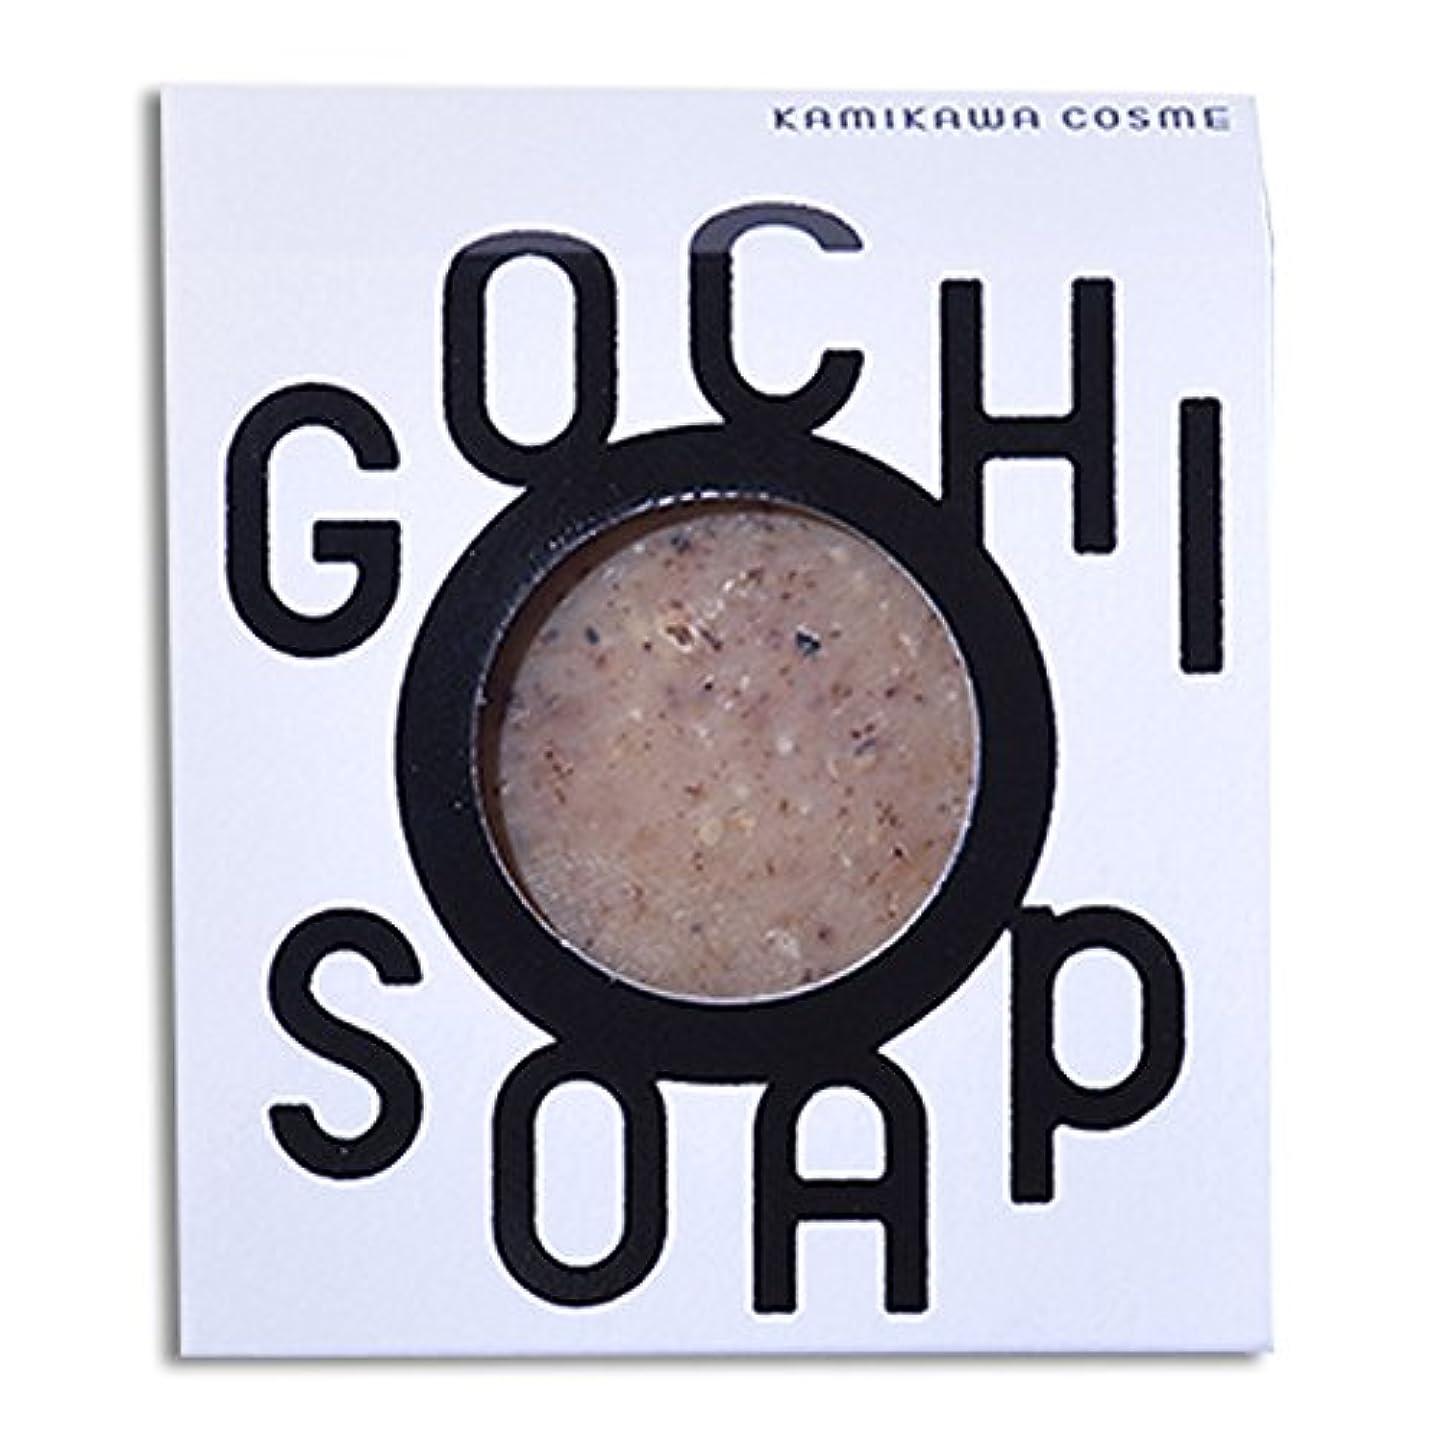 スタジオ亜熱帯物思いにふける道北の素材を使用したコスメブランド GOCHI SOAP(上森米穀店の黒米ぬかソープ?谷口農場のトマトソープ)各1個セット